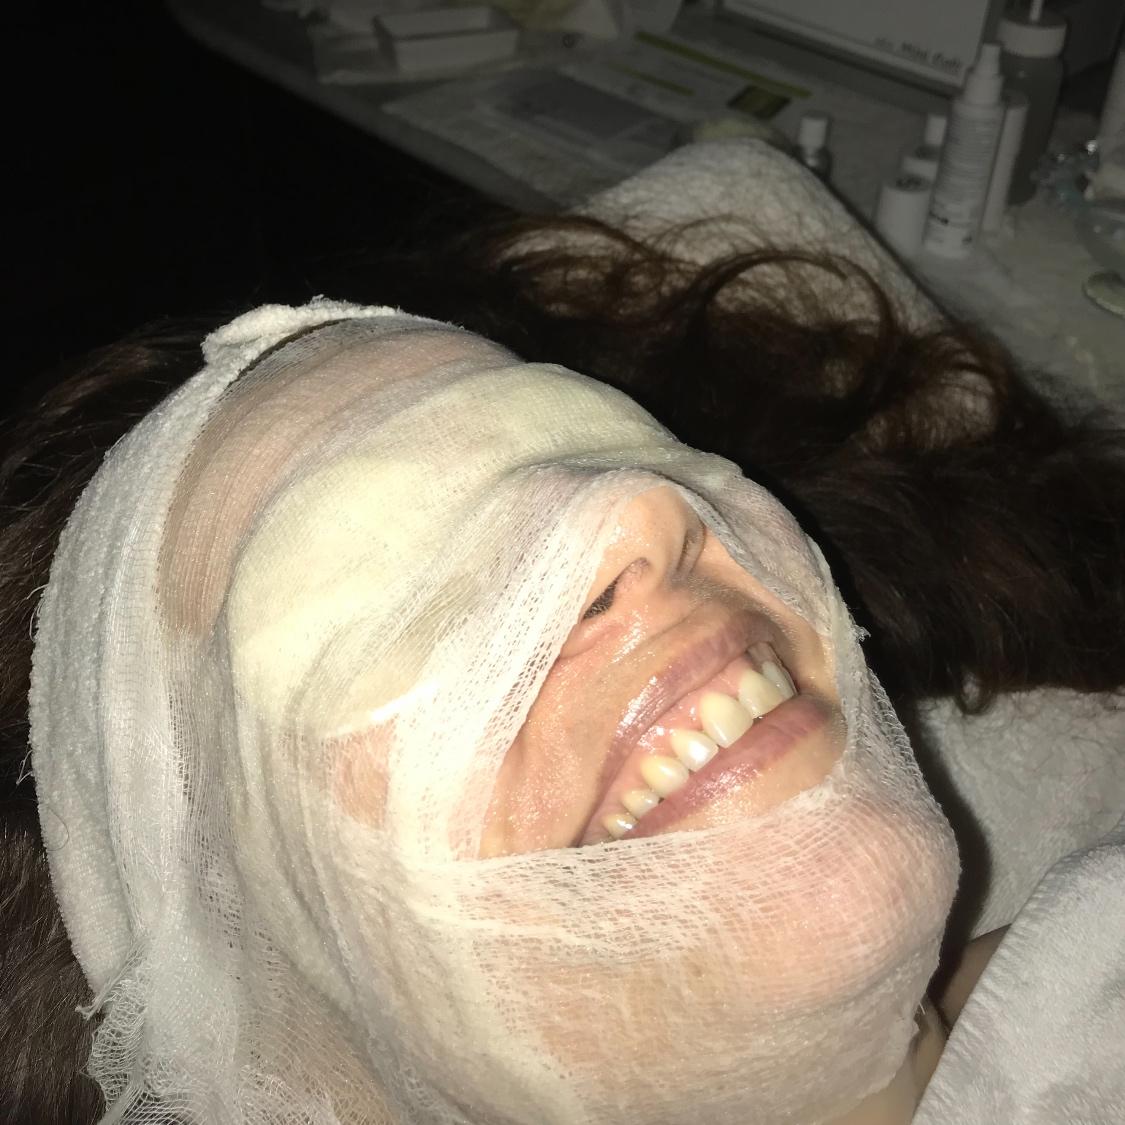 JOGB enjoying Frances Prescott Tri-spritz facial for jogbliving.jpg